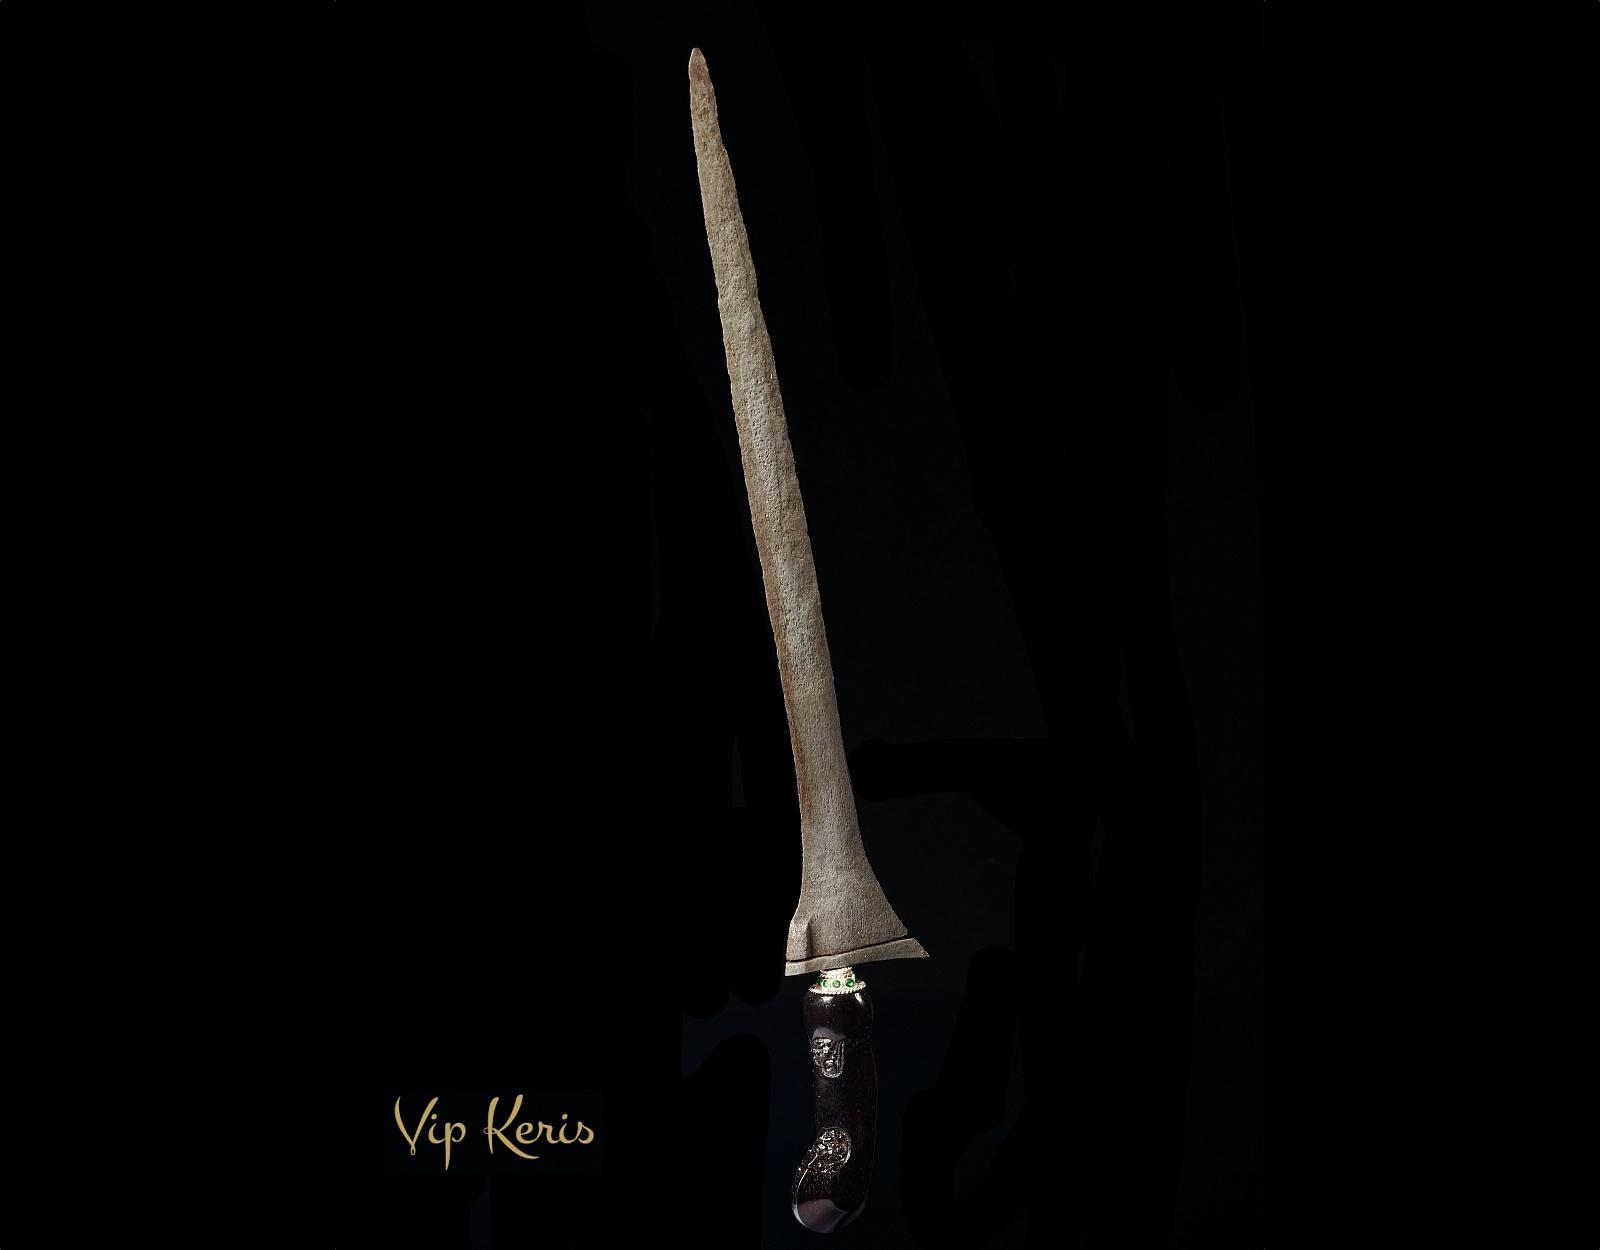 Прямой кинжал Крис Tilam Upih, хранитель рода. фото VipKeris